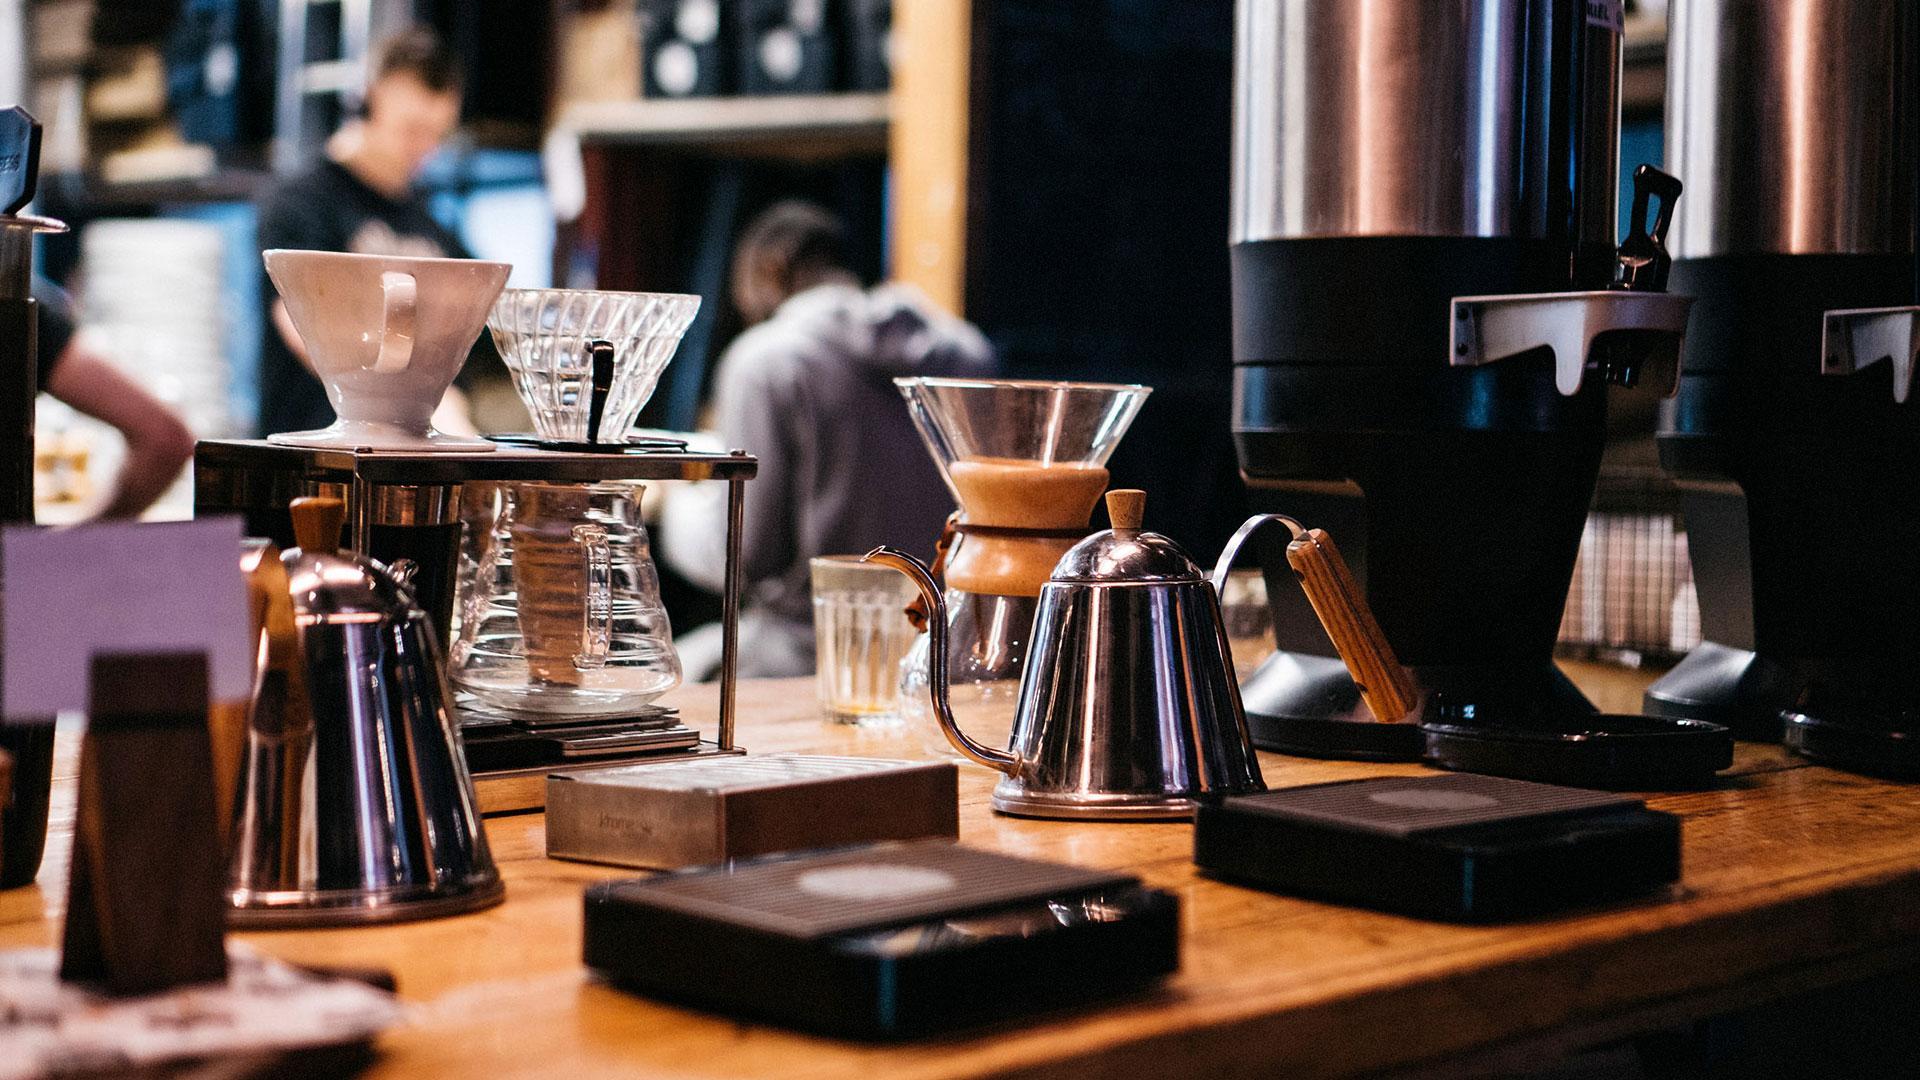 Coffee-brewing kit at Caravan Coffee Roasters